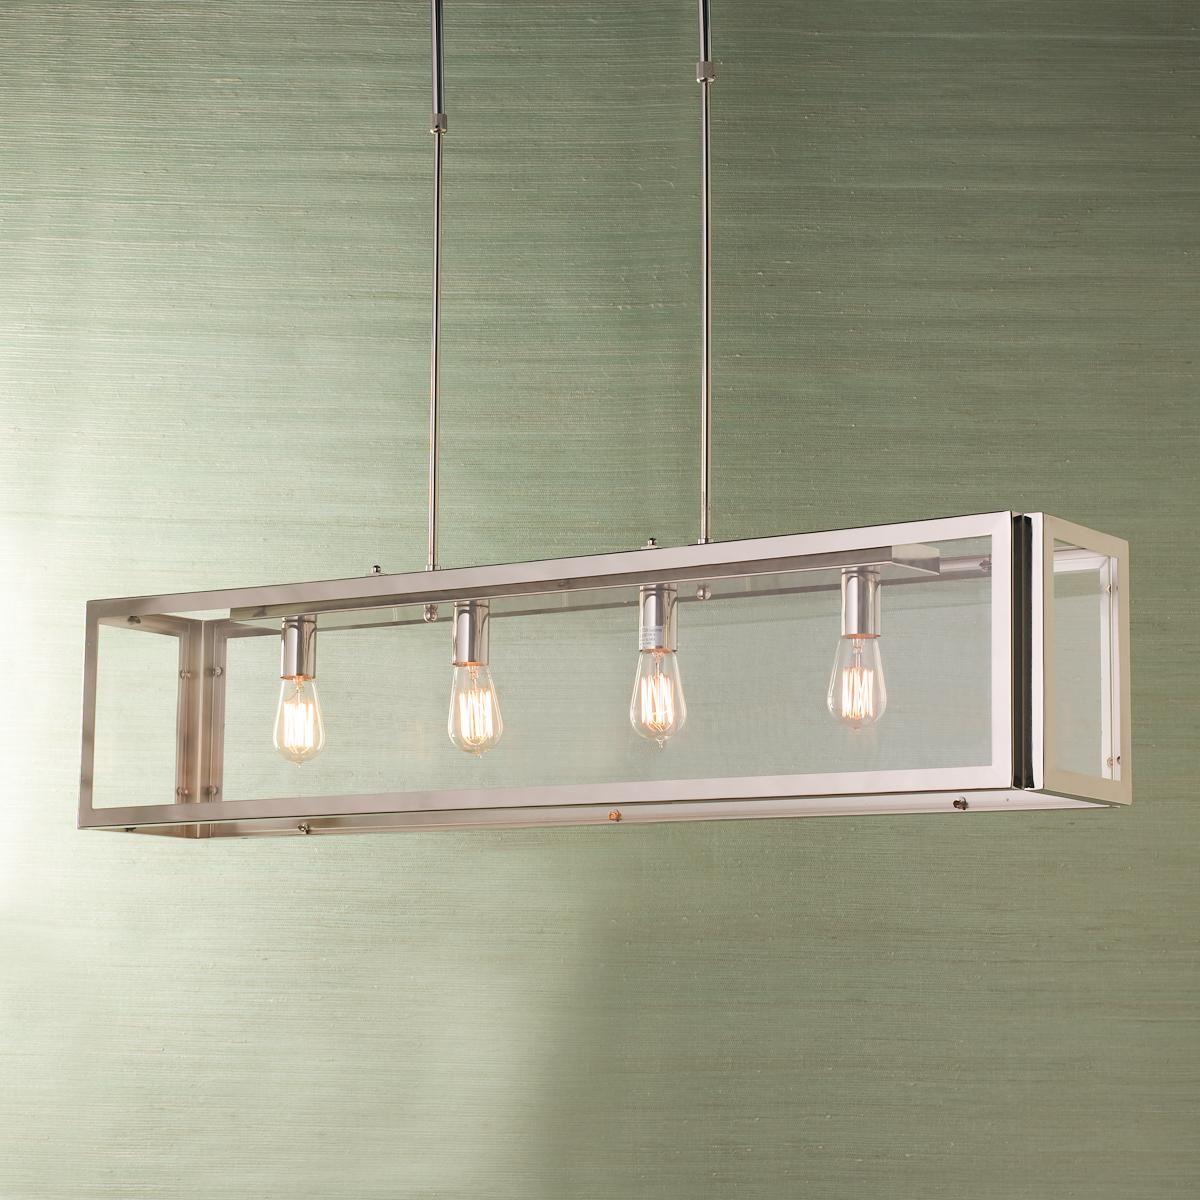 Industrial Modern Island Chandelier Rectangular Light Fixture